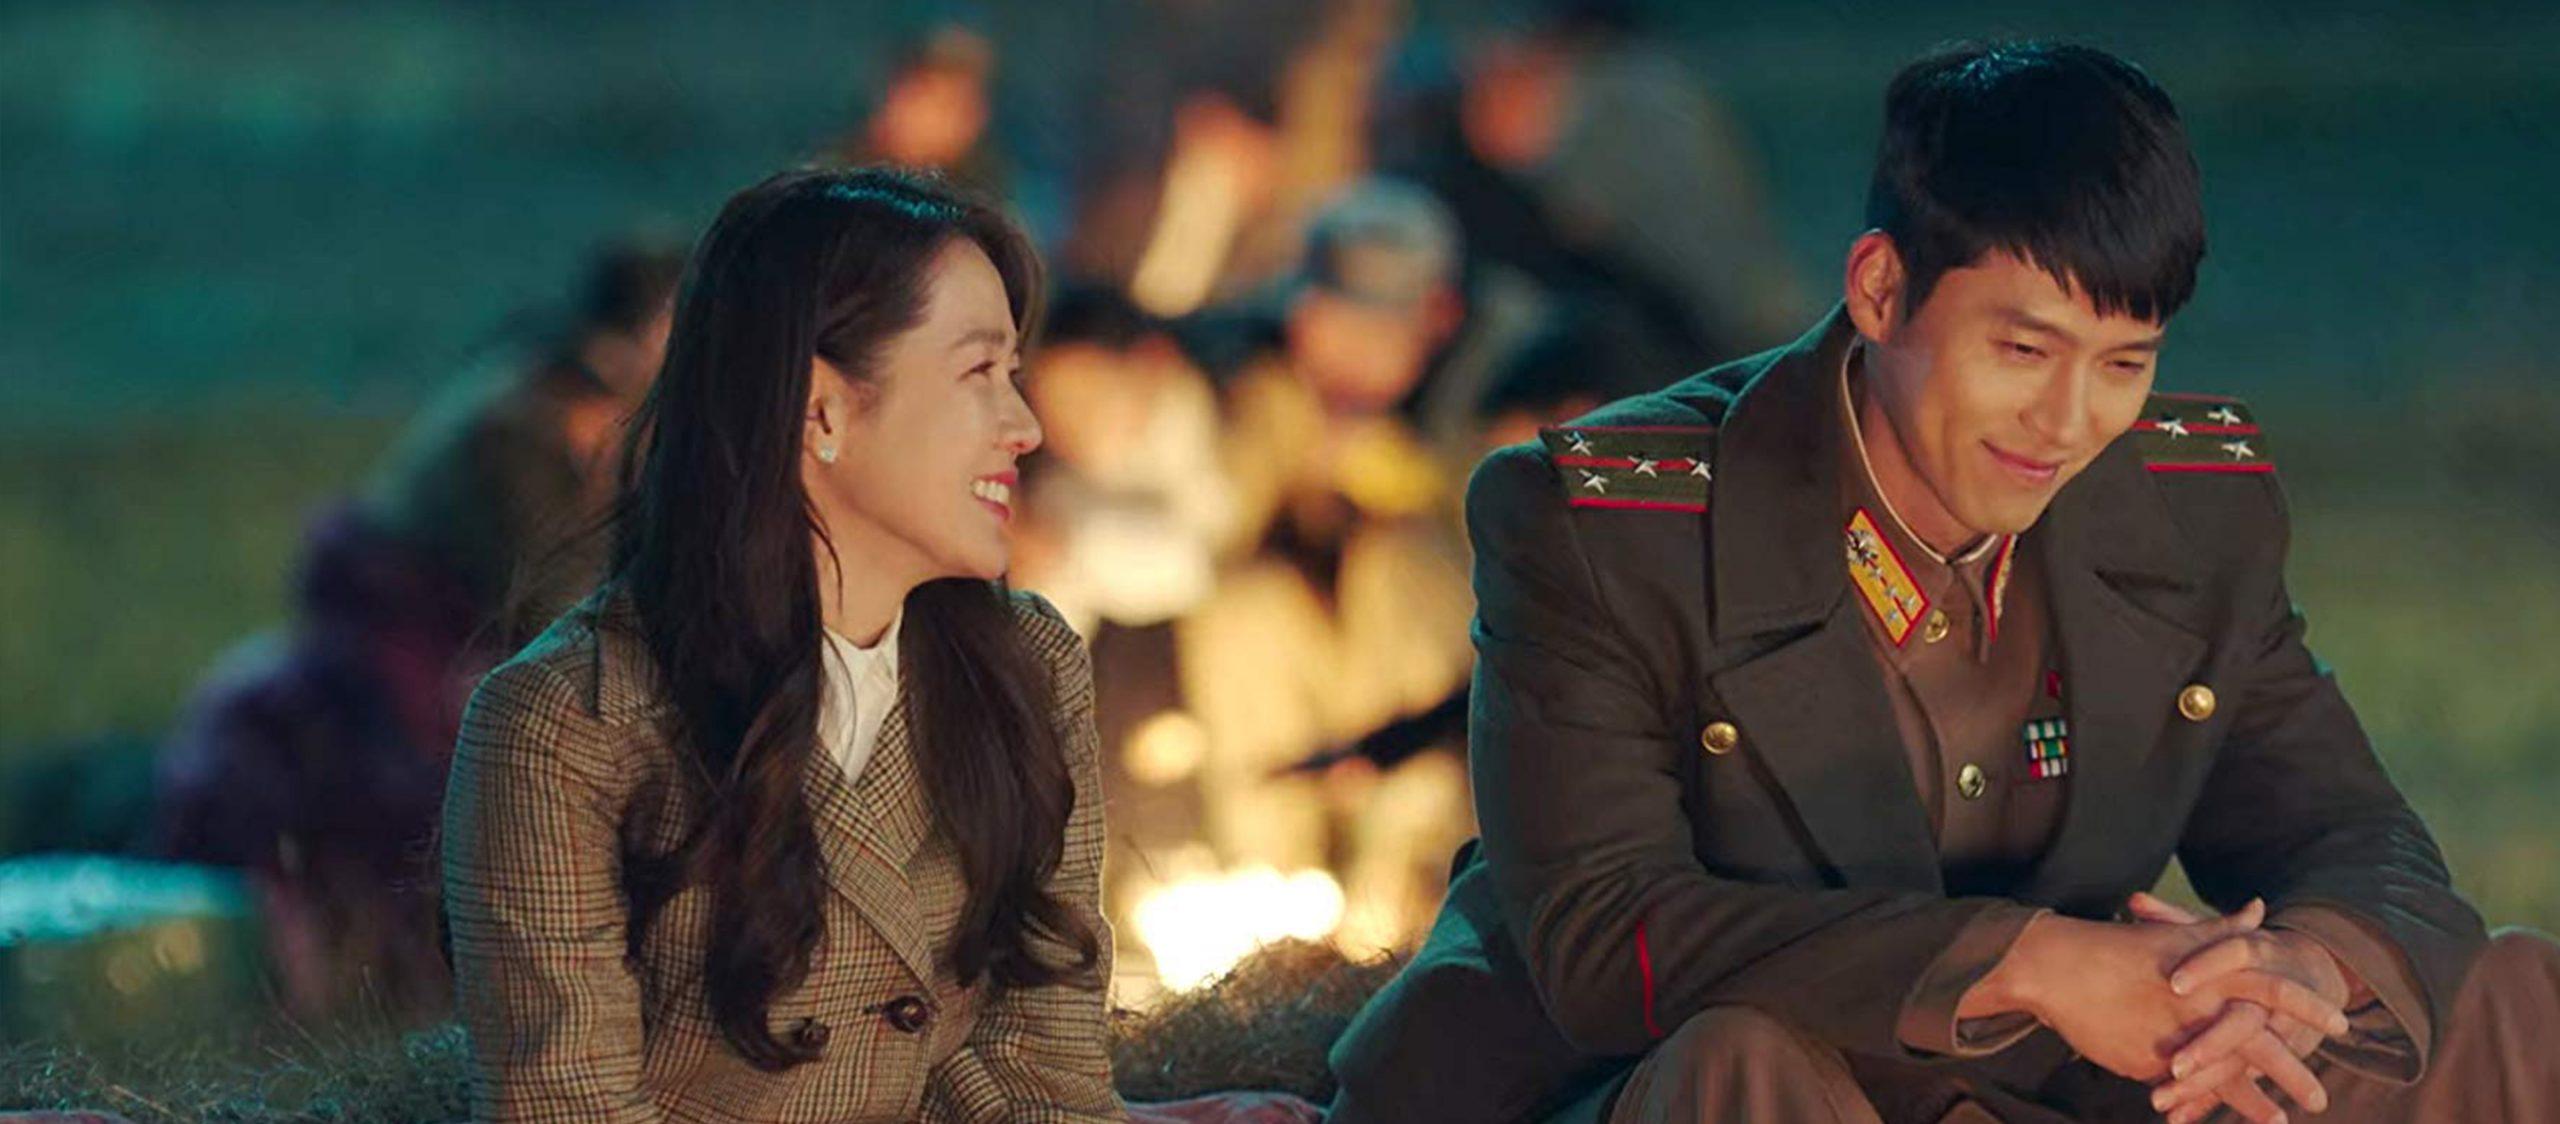 Crash Landing on You ฉากและชีวิตของชาวเกาหลีเหนือในเรื่องรักโรแมนติกของสหายผู้กองและยุนเซรี